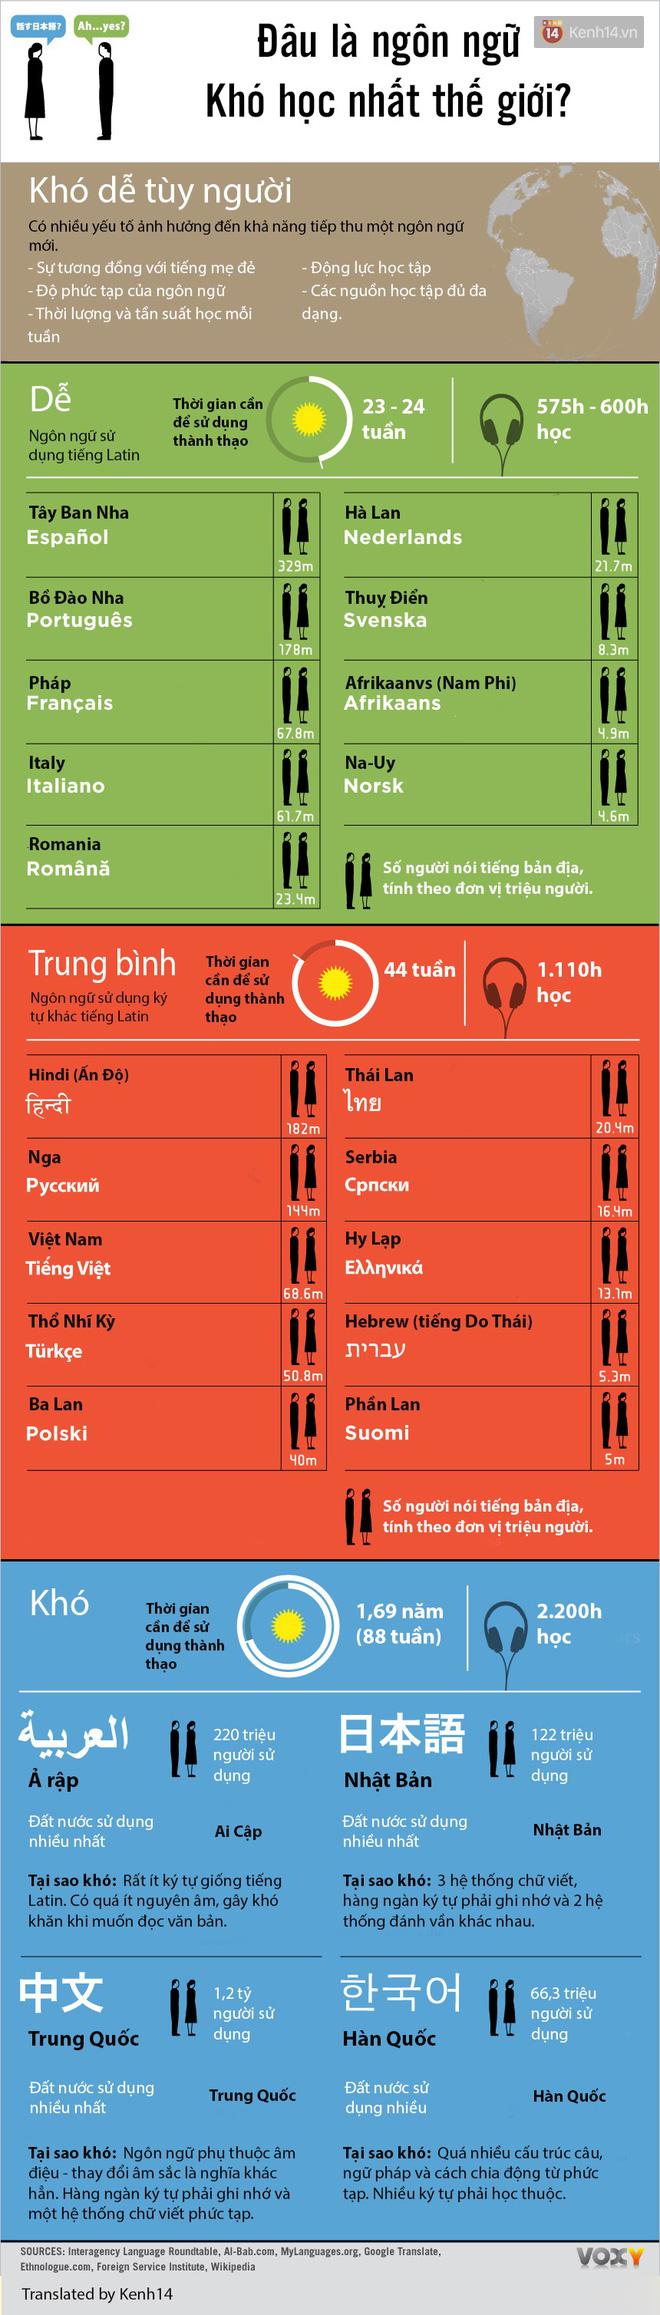 Đâu là ngôn ngữ khó học nhất và khó đến mức độ nào? Nhìn vào đây và bạn sẽ hiểu ngay - Ảnh 1.